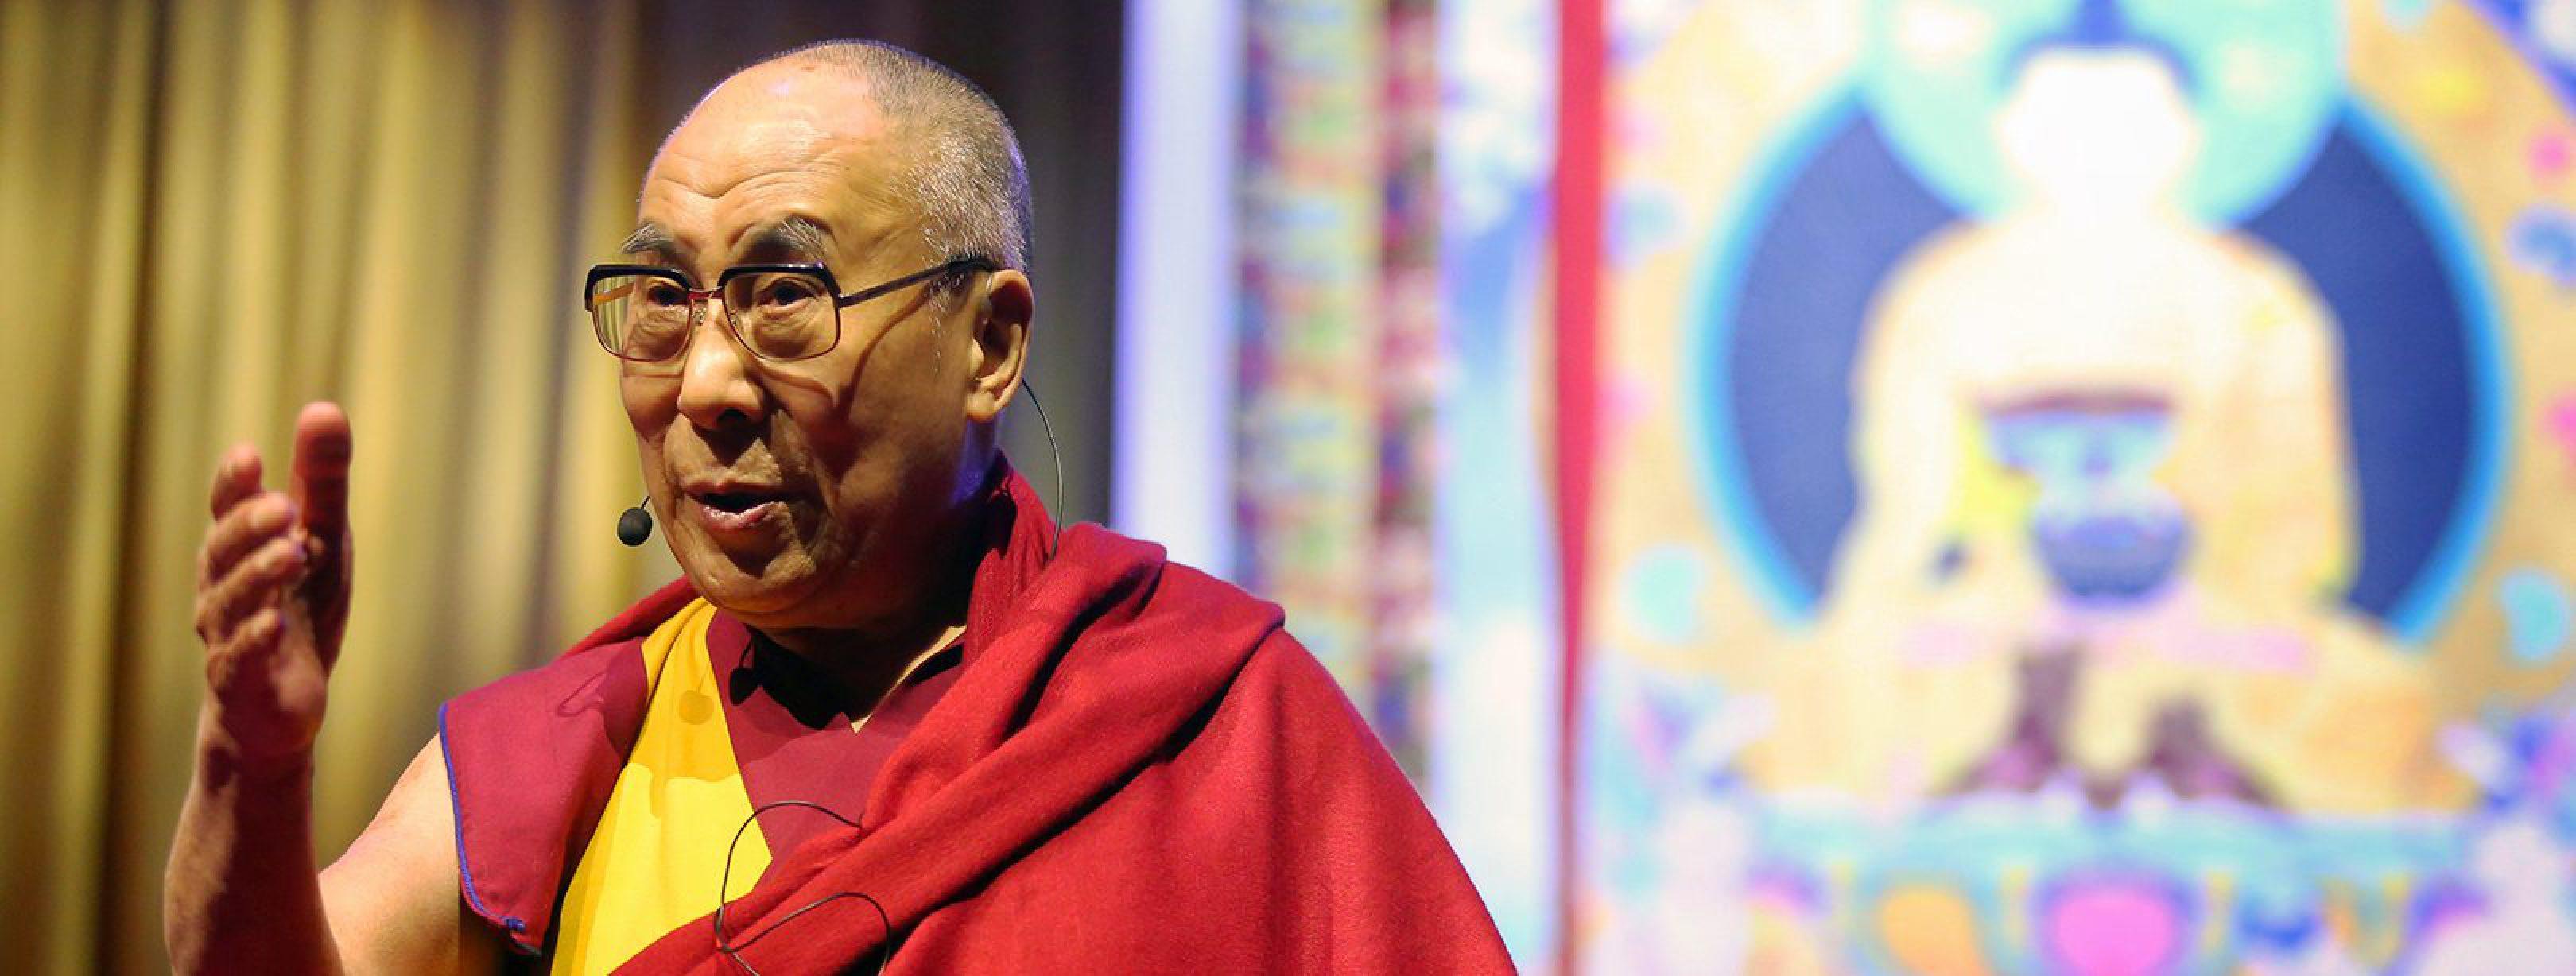 dalai lama Rotterdam Ahoy